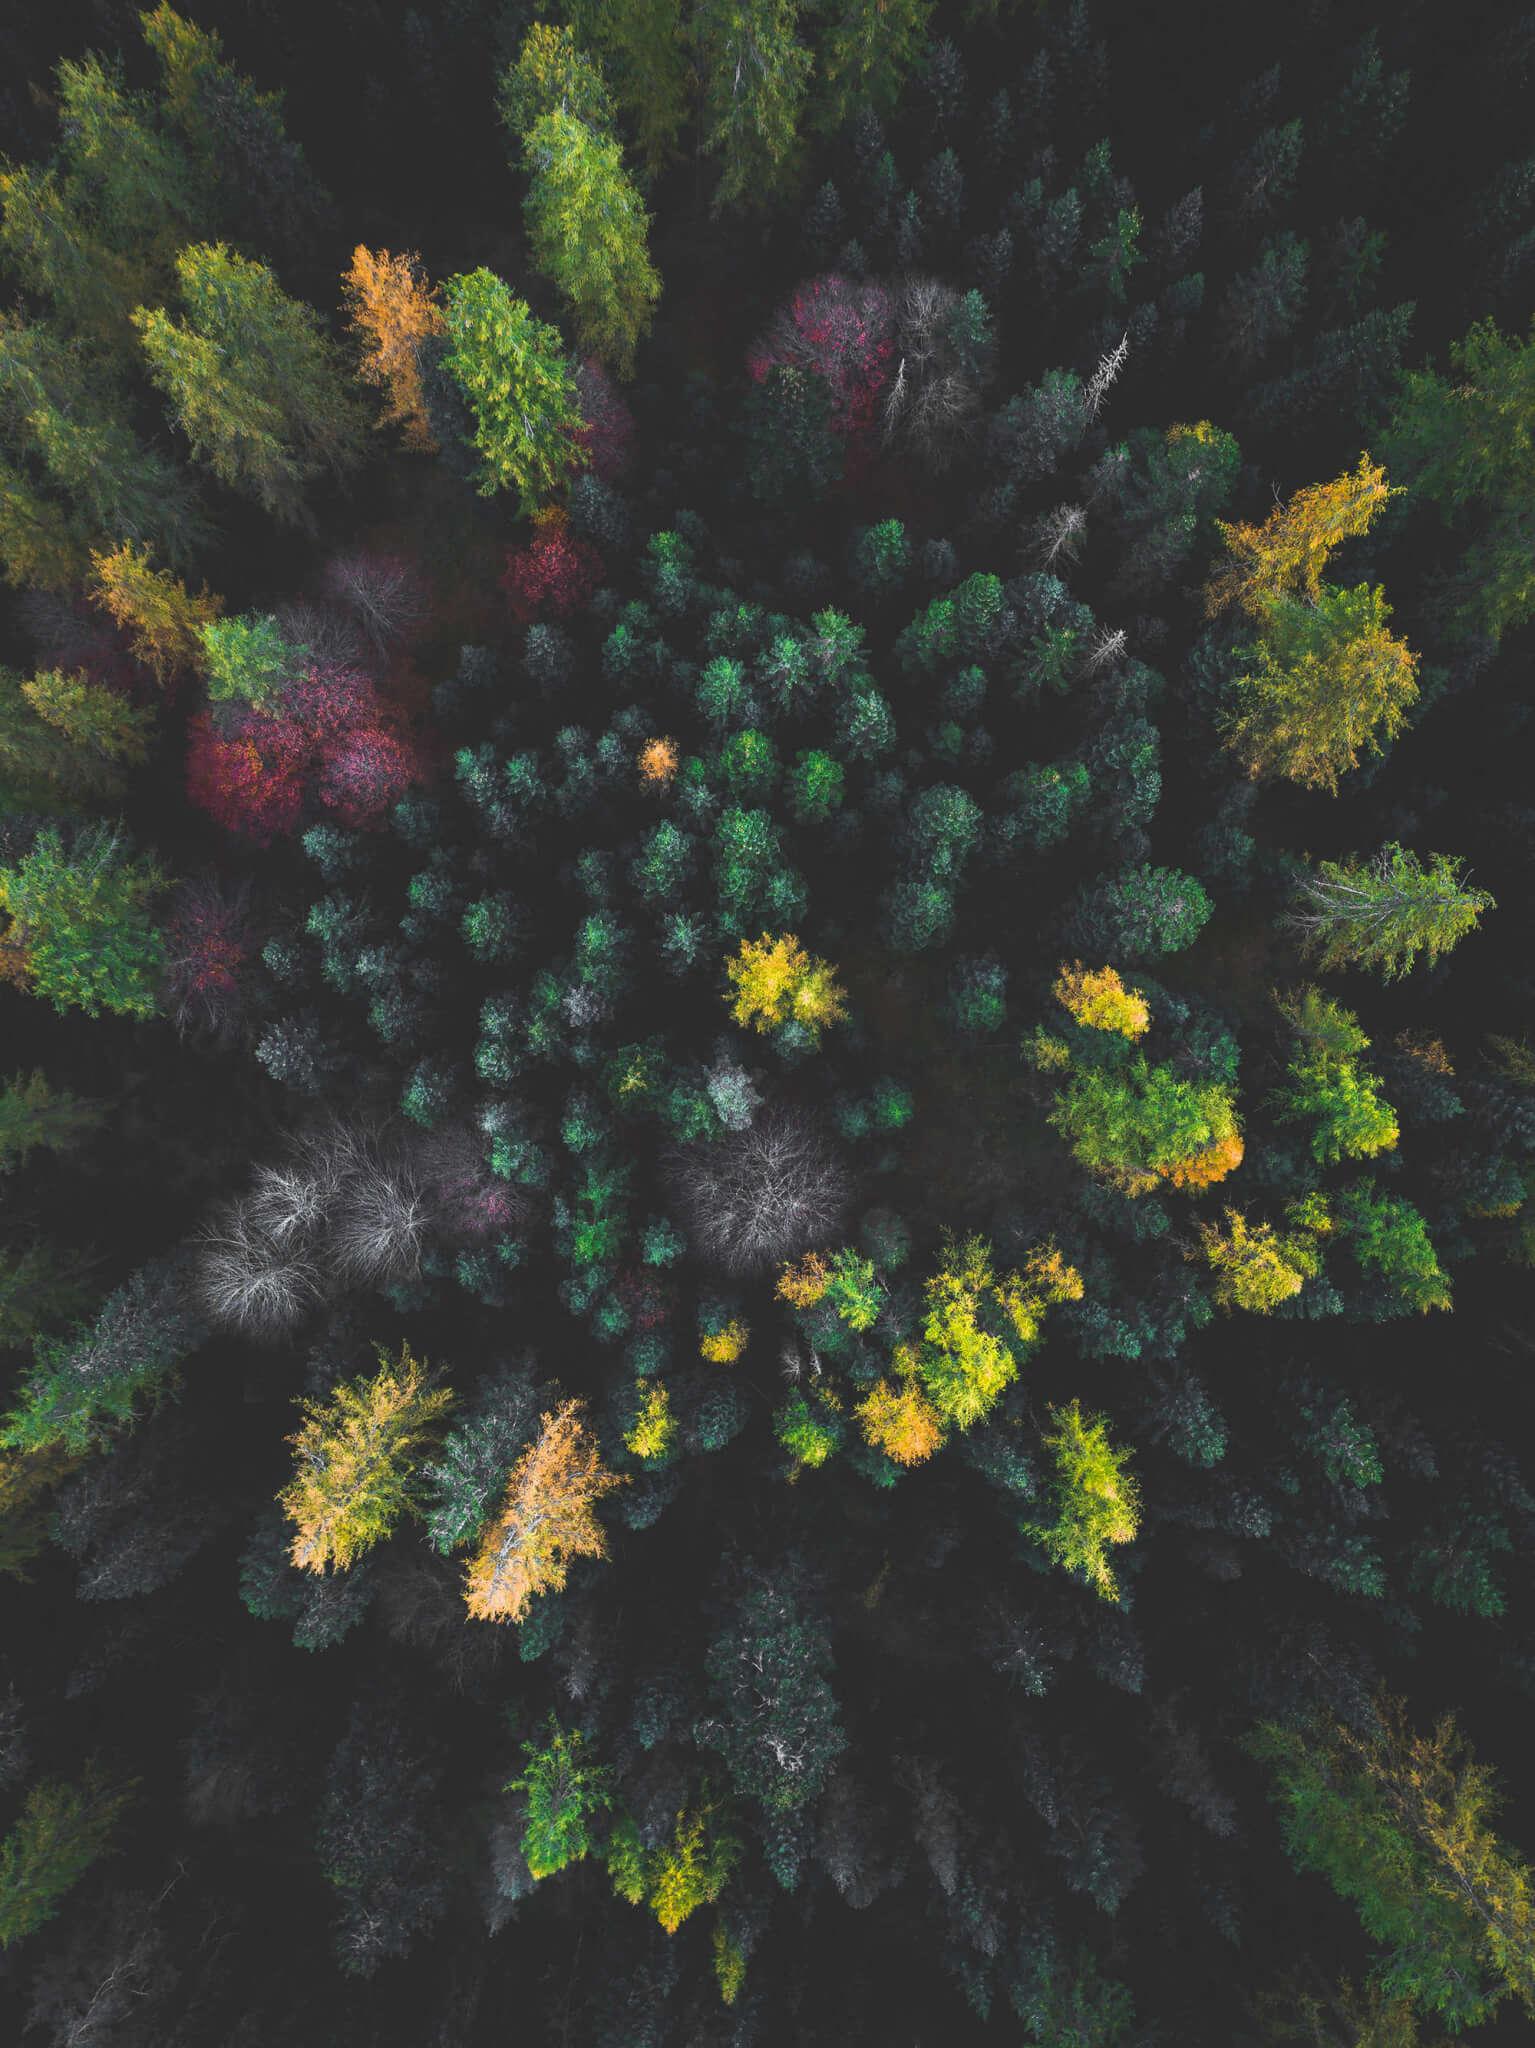 bosque fotografía aérea